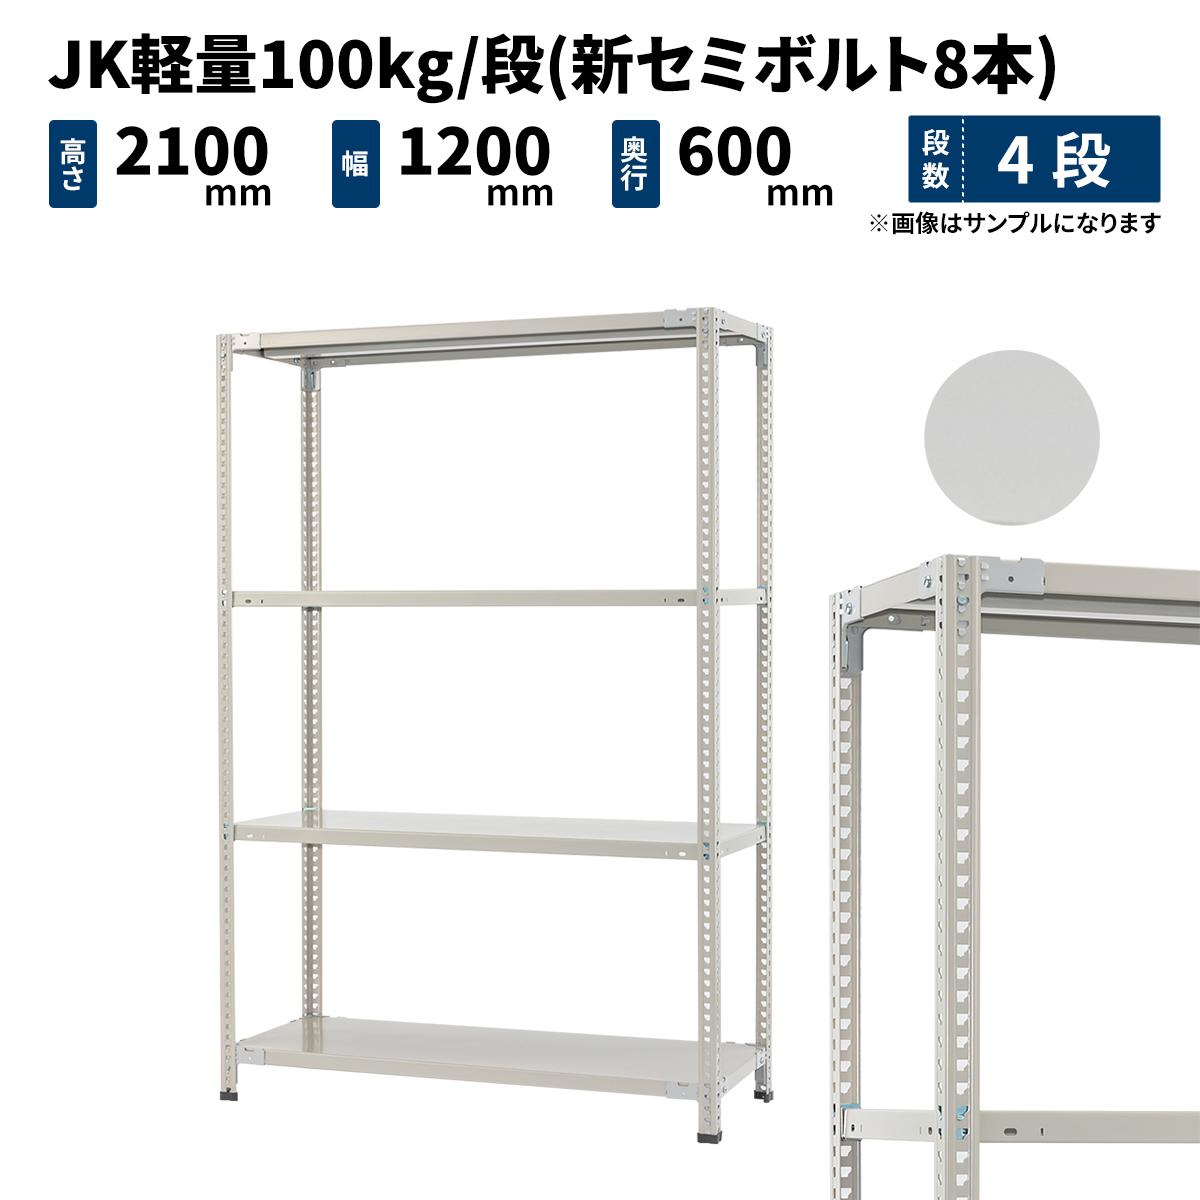 スチールラック 業務用 JK軽量100kg/段(新セミボルト8本) 高さ2100×幅1200×奥行600mm 4段 ホワイトグレー (44kg) JK100NT-211206-4